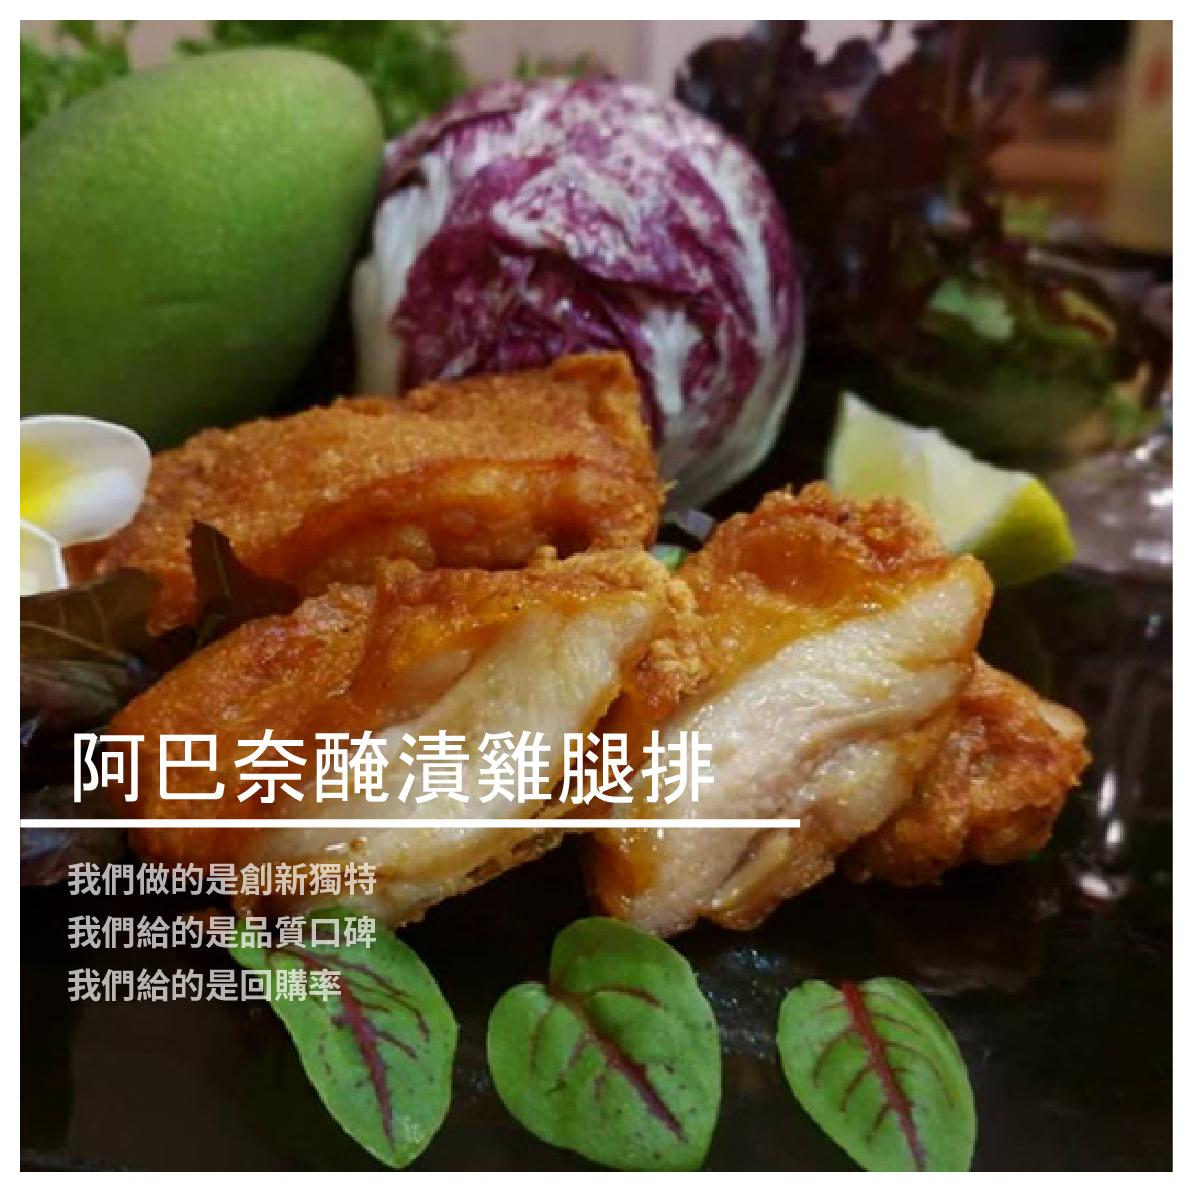 【科科克食品】阿巴奈醃漬雞腿排